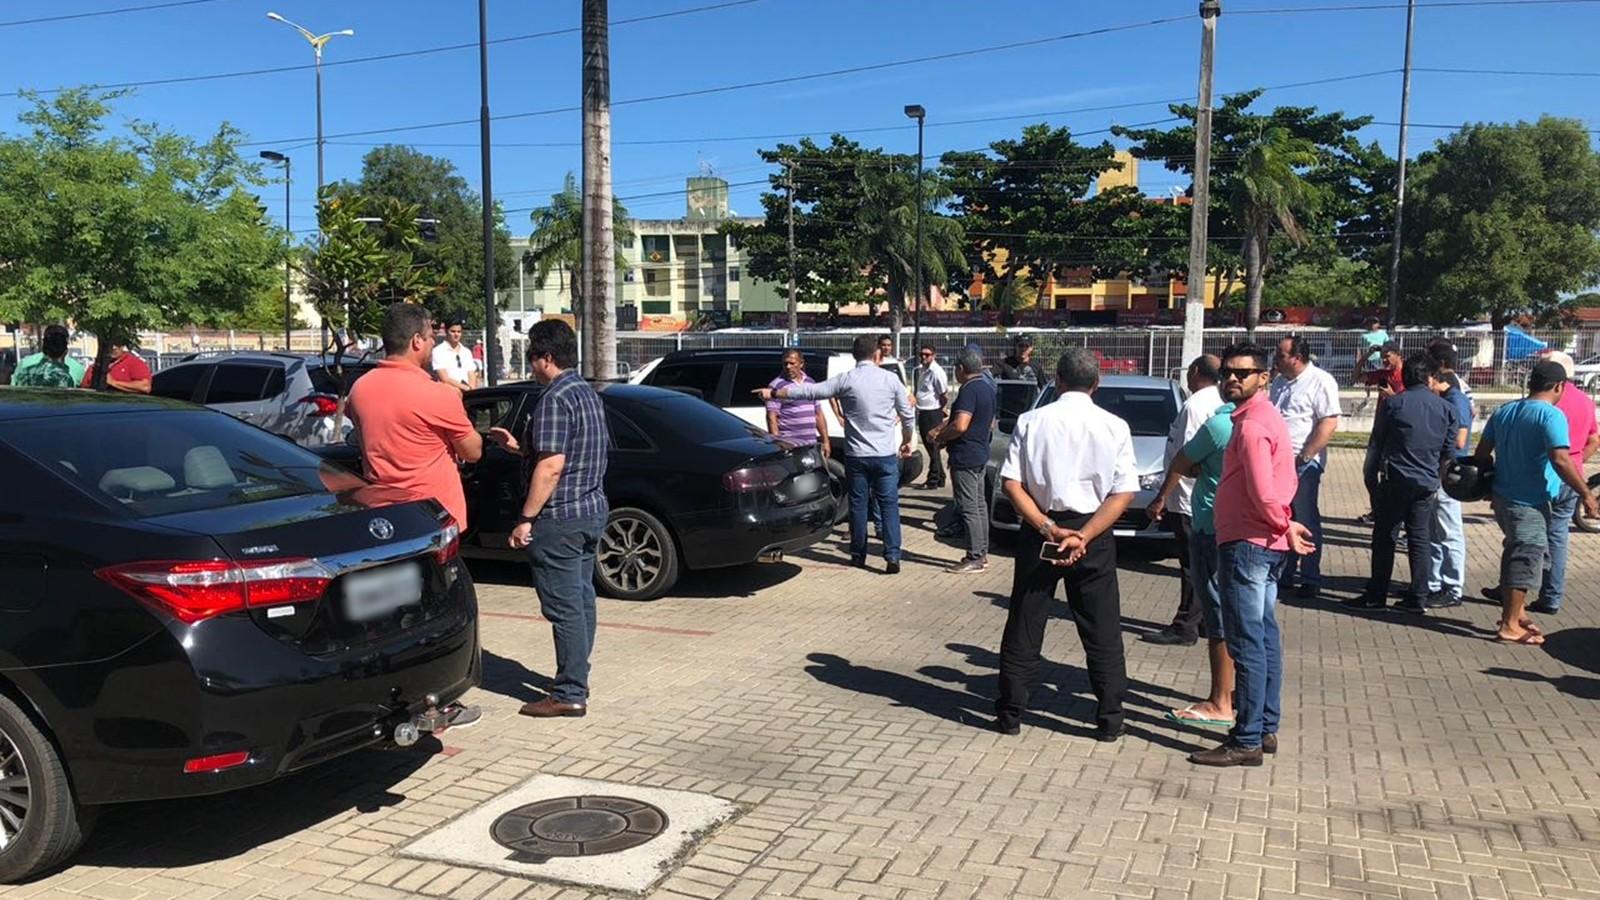 Suspeitos de furtar carros com bloqueador de alarme são presos em estacionamento de shopping na PB